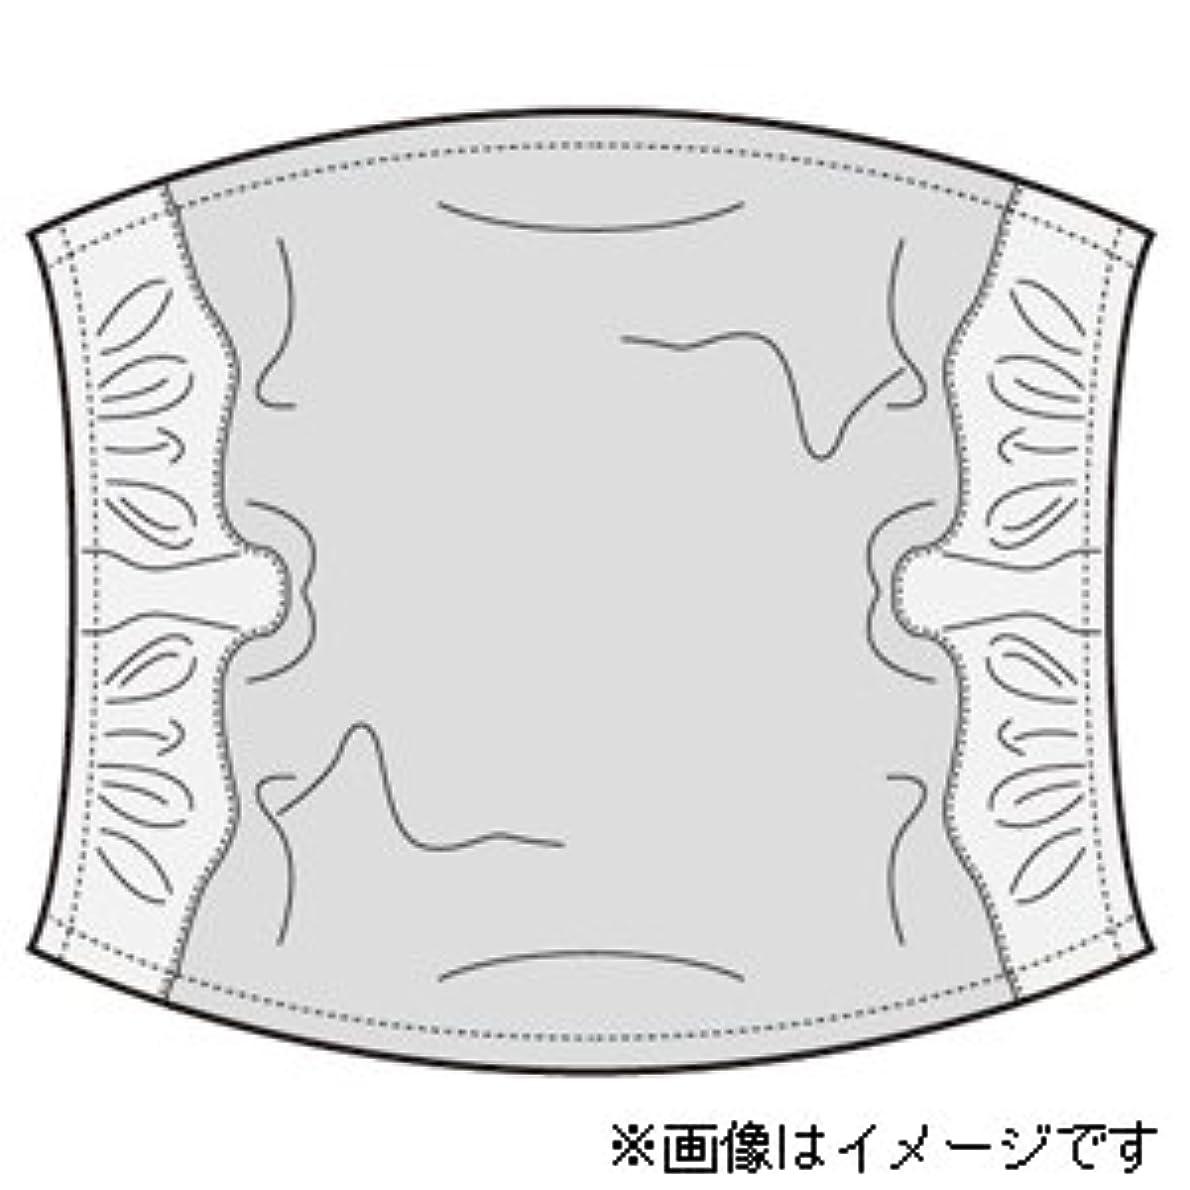 オムロン 交換カバー HM-231-COVER